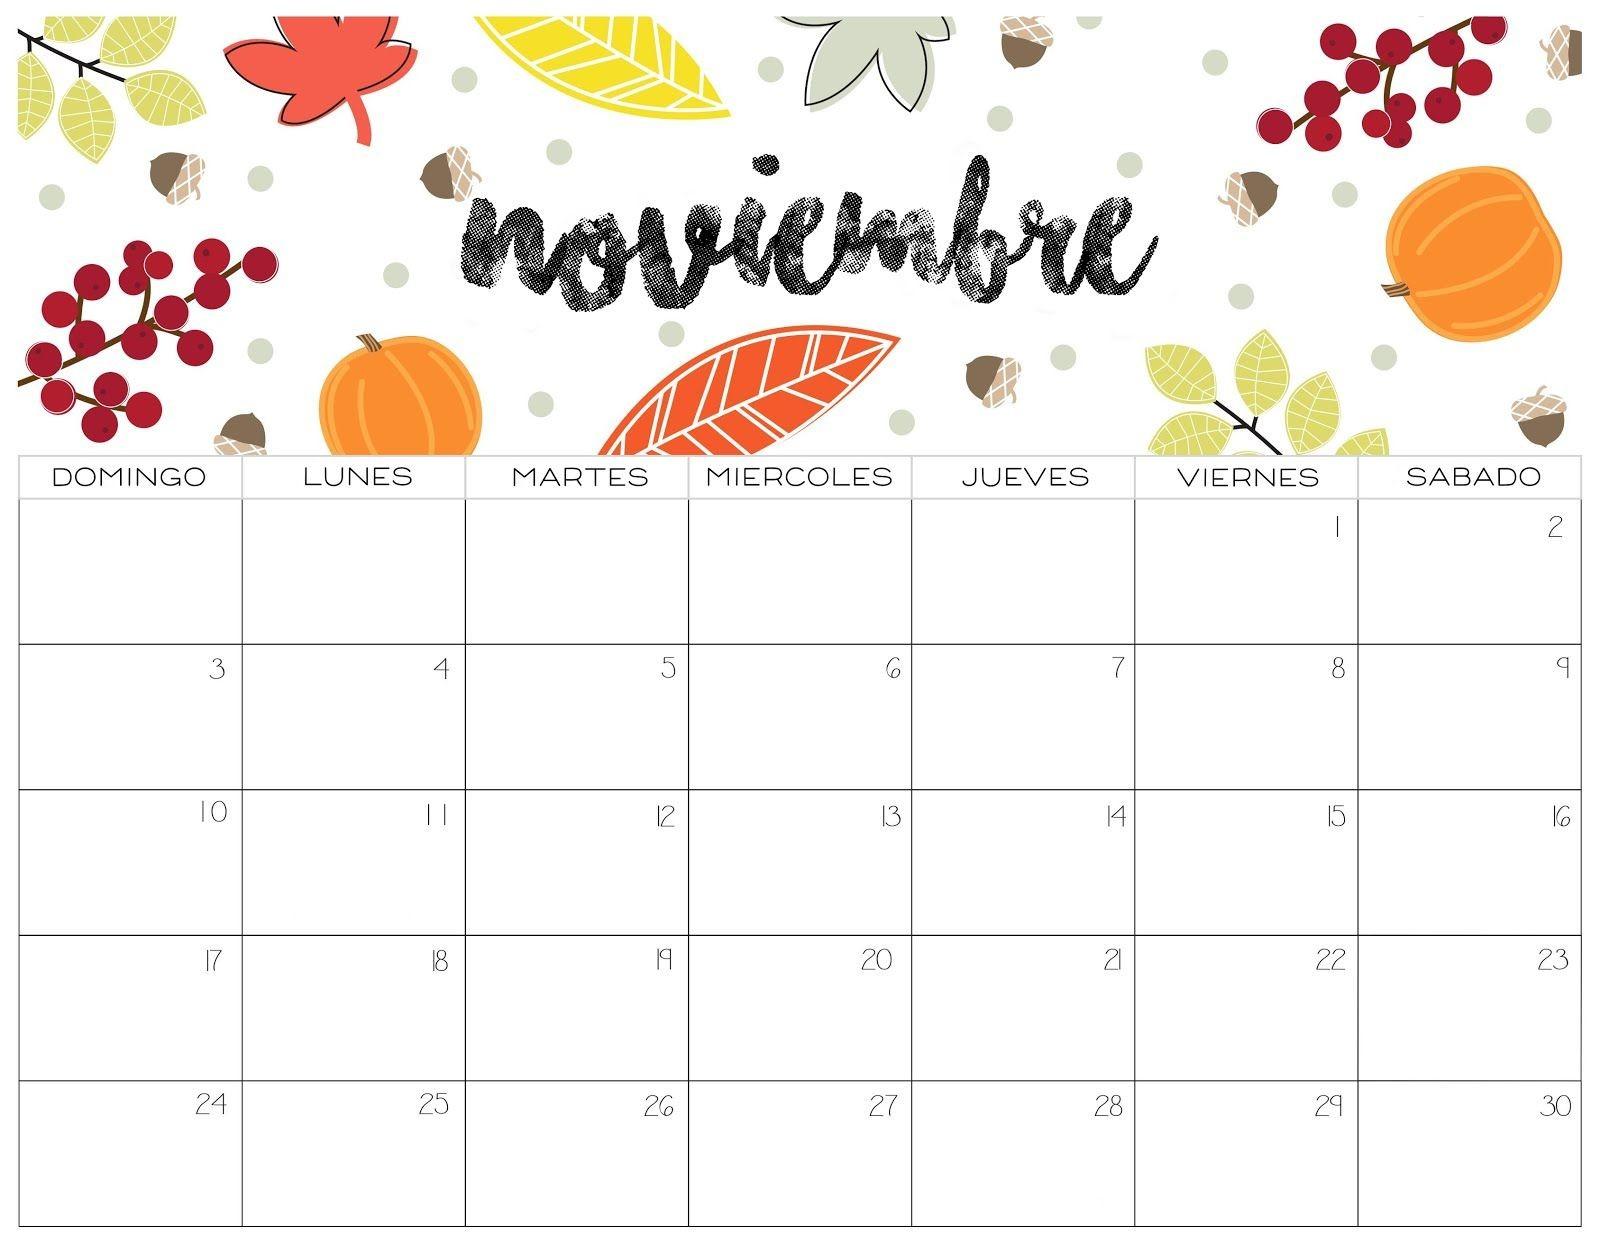 Calendario Para Imprimir Septiembre De 2019 Más Caliente 255 Mejores Imágenes De Agenda En 2019 Of Calendario Para Imprimir Septiembre De 2019 Más Recientes Calendario Diciembre De 2019 53ld Calendario T